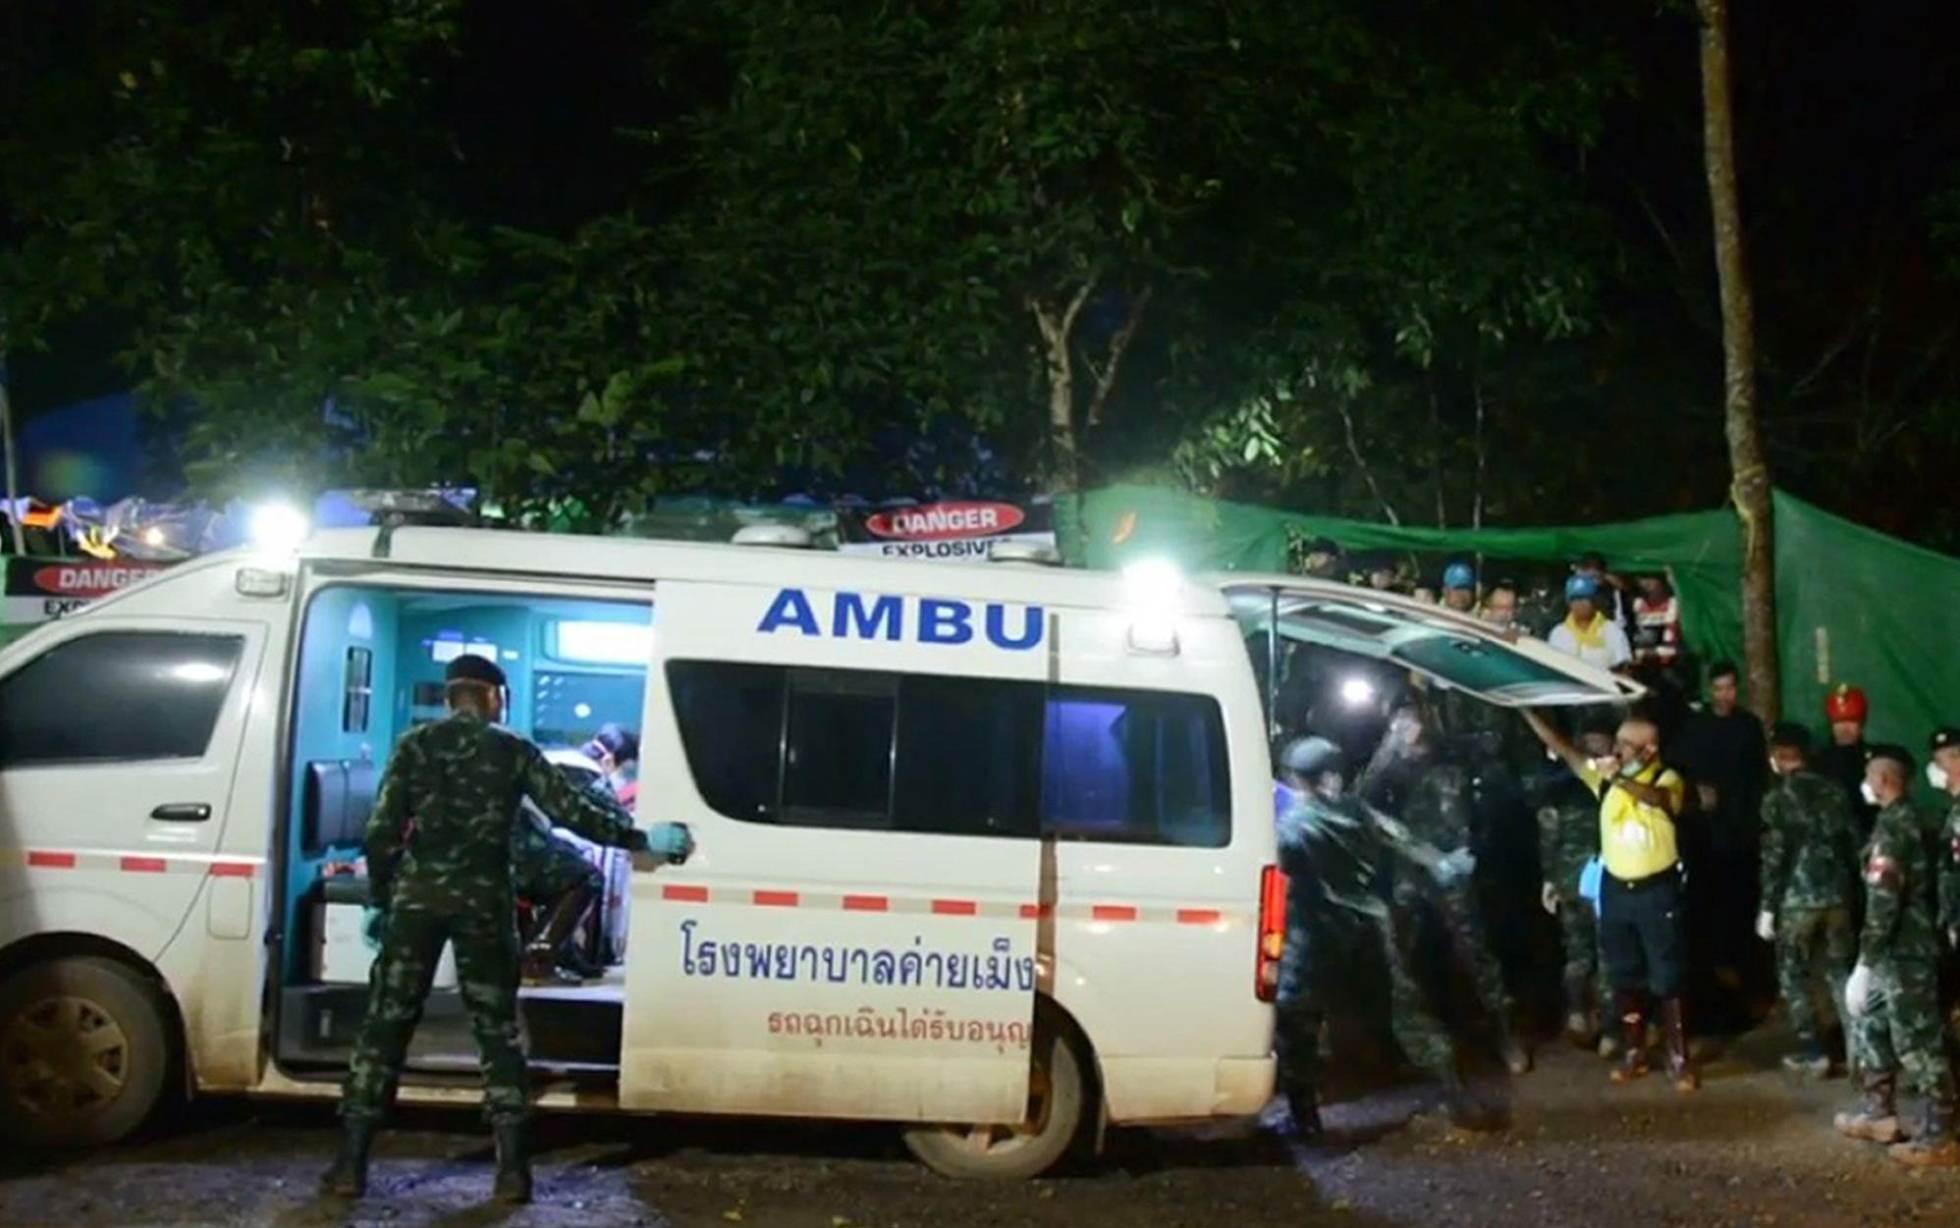 Personas de emergencias trabajan junto a una ambulancia que traslada a uno de los menores rescatados de la cueva de Tham Luang, el 8 de julio de 2018.